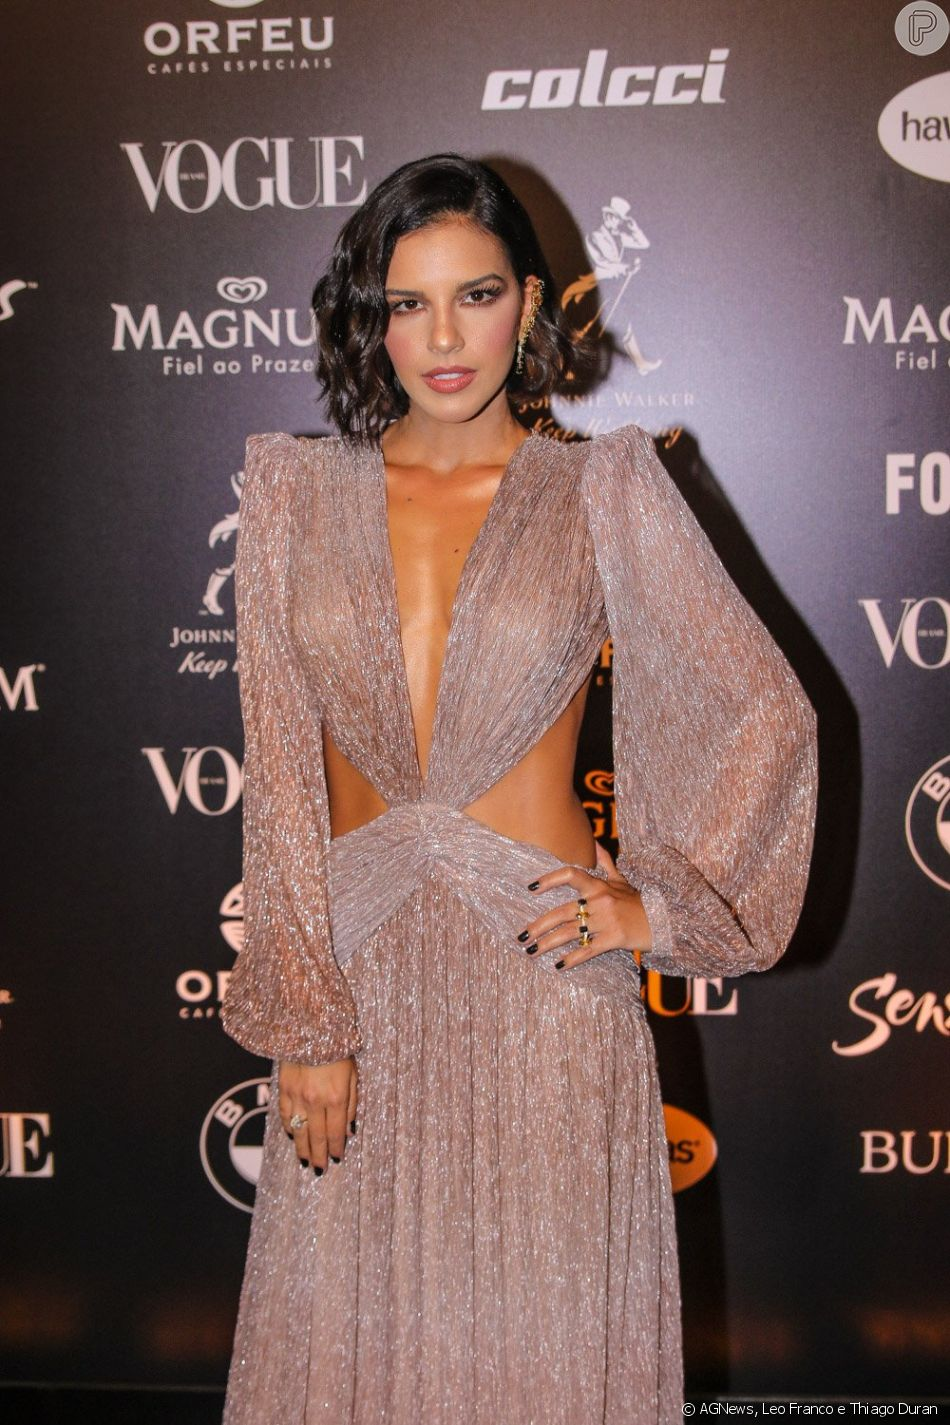 Mariana Rios escolheu um vestido Patricia Bonaldi para cantar no Baile da Vogue 2019